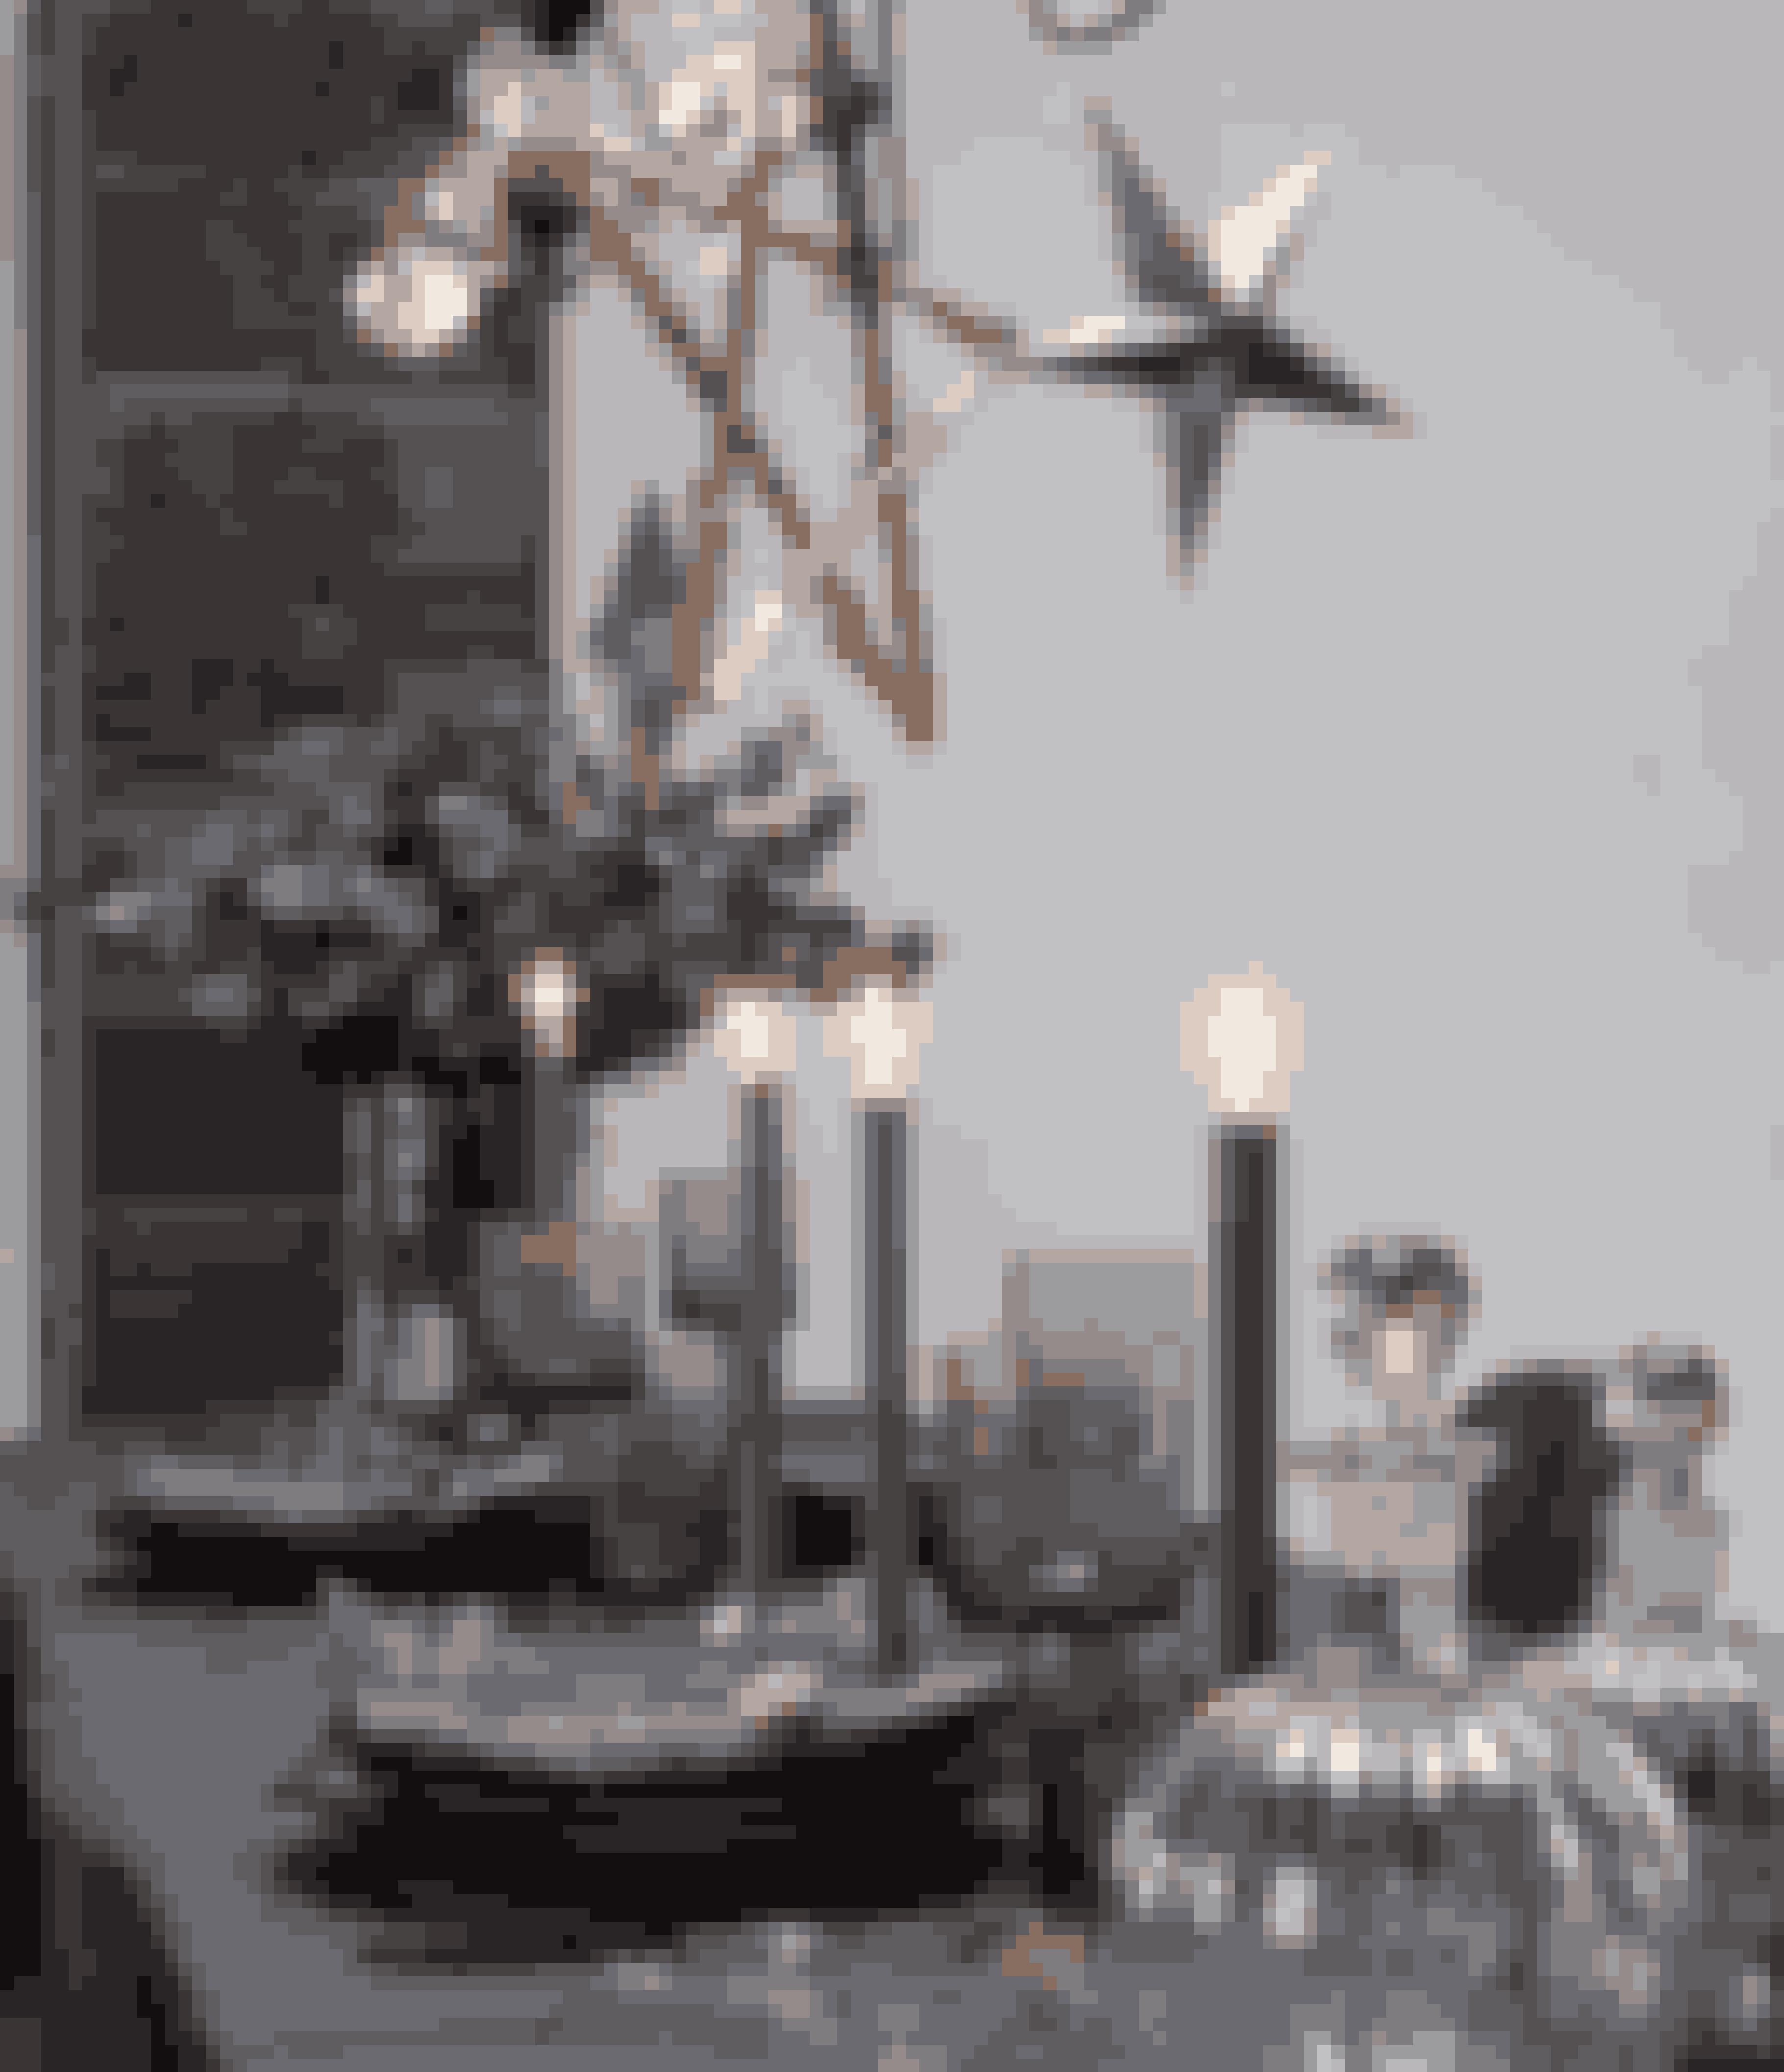 Et elegant bord behøver ikke hvid dug. Antracitfarvede tallerkener på en støvet blå hørdug med dækkeservietter i samme farve og materiale er lige så elegant. Strø hvide afklippede blomster omkring glas, tallerkener og de levende lys.